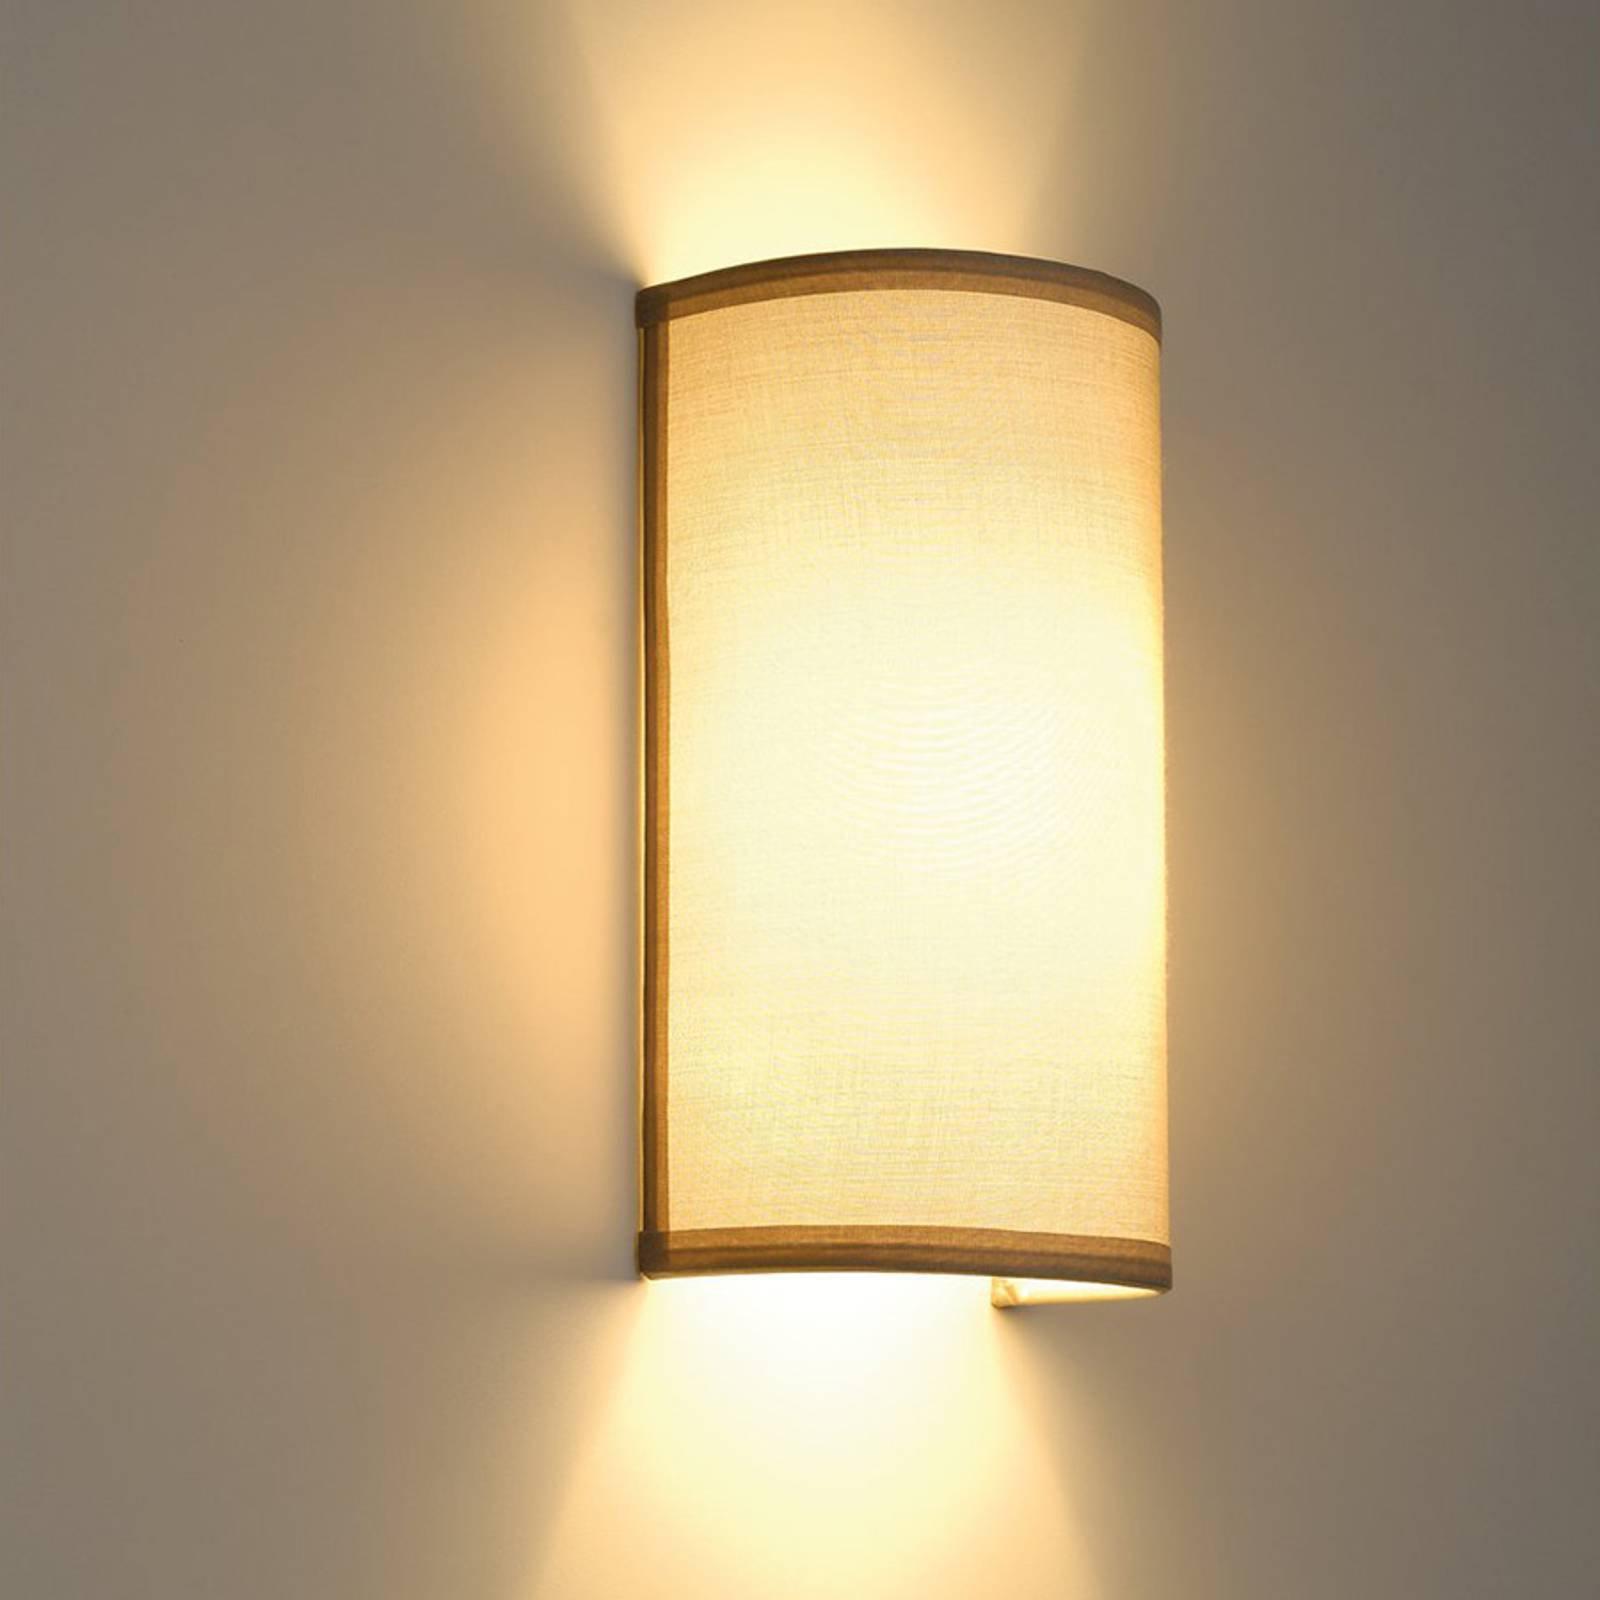 Mykt lys som stråler fra vegglampen Soprana